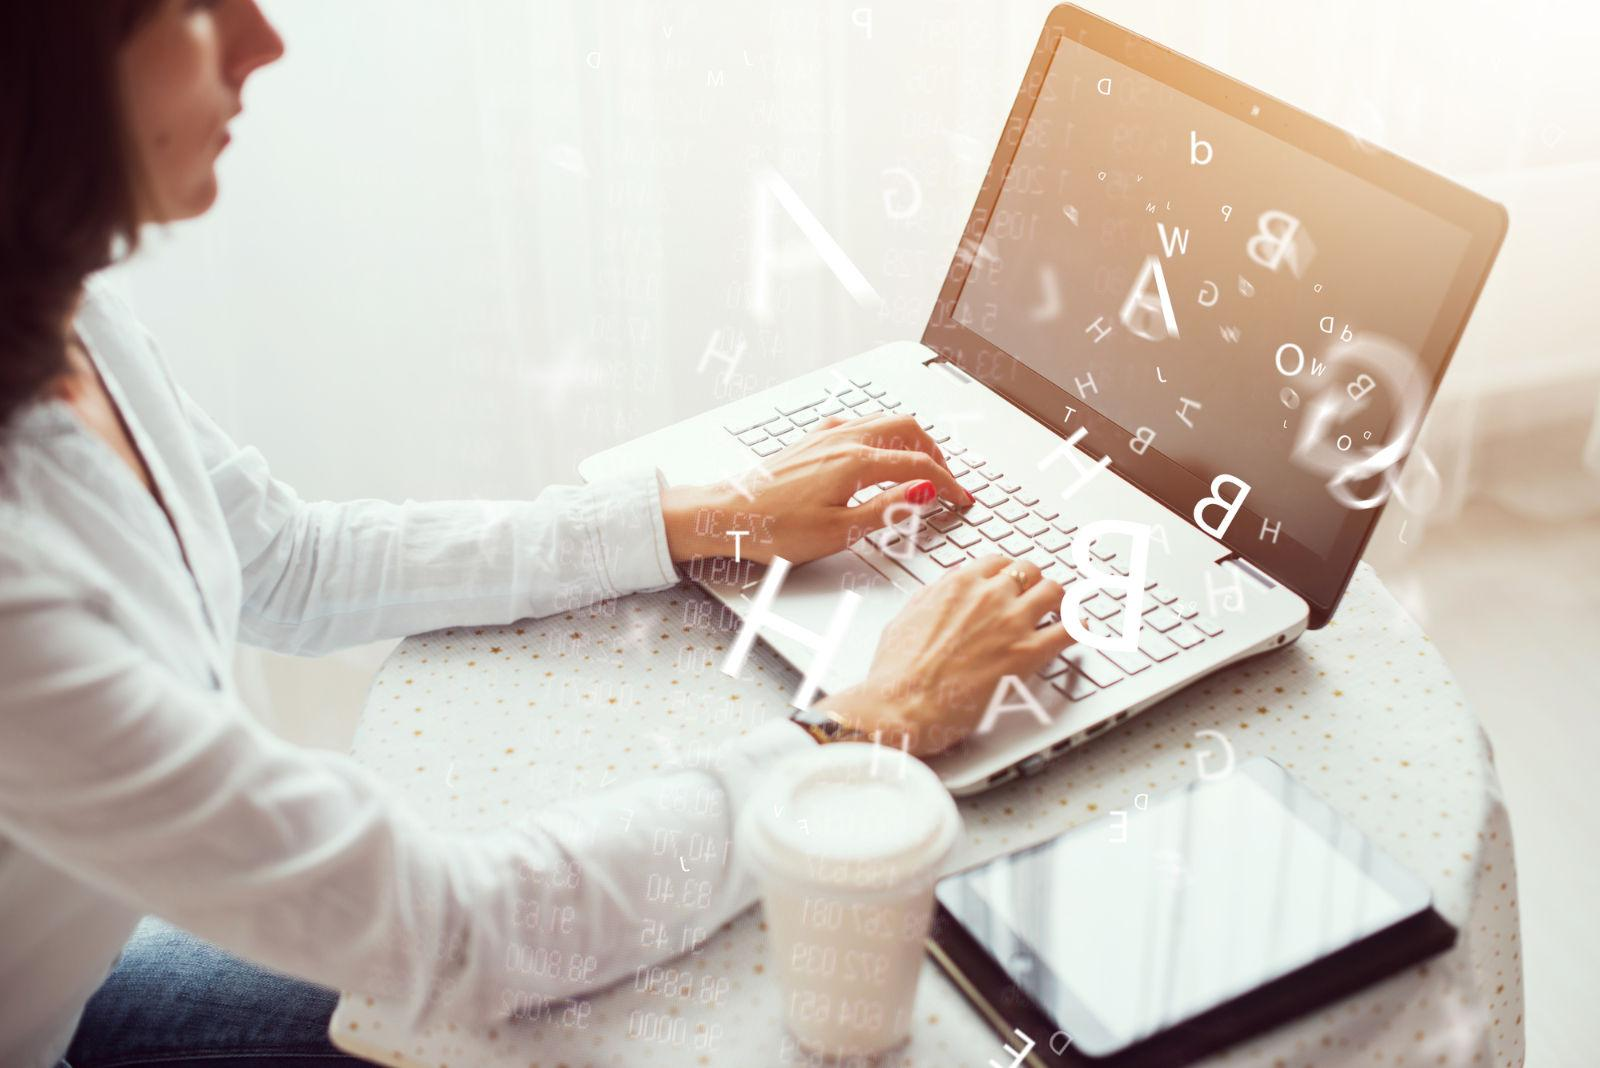 comprar-articulos-blog-mucho-mas-facil-plan-contenidos-2